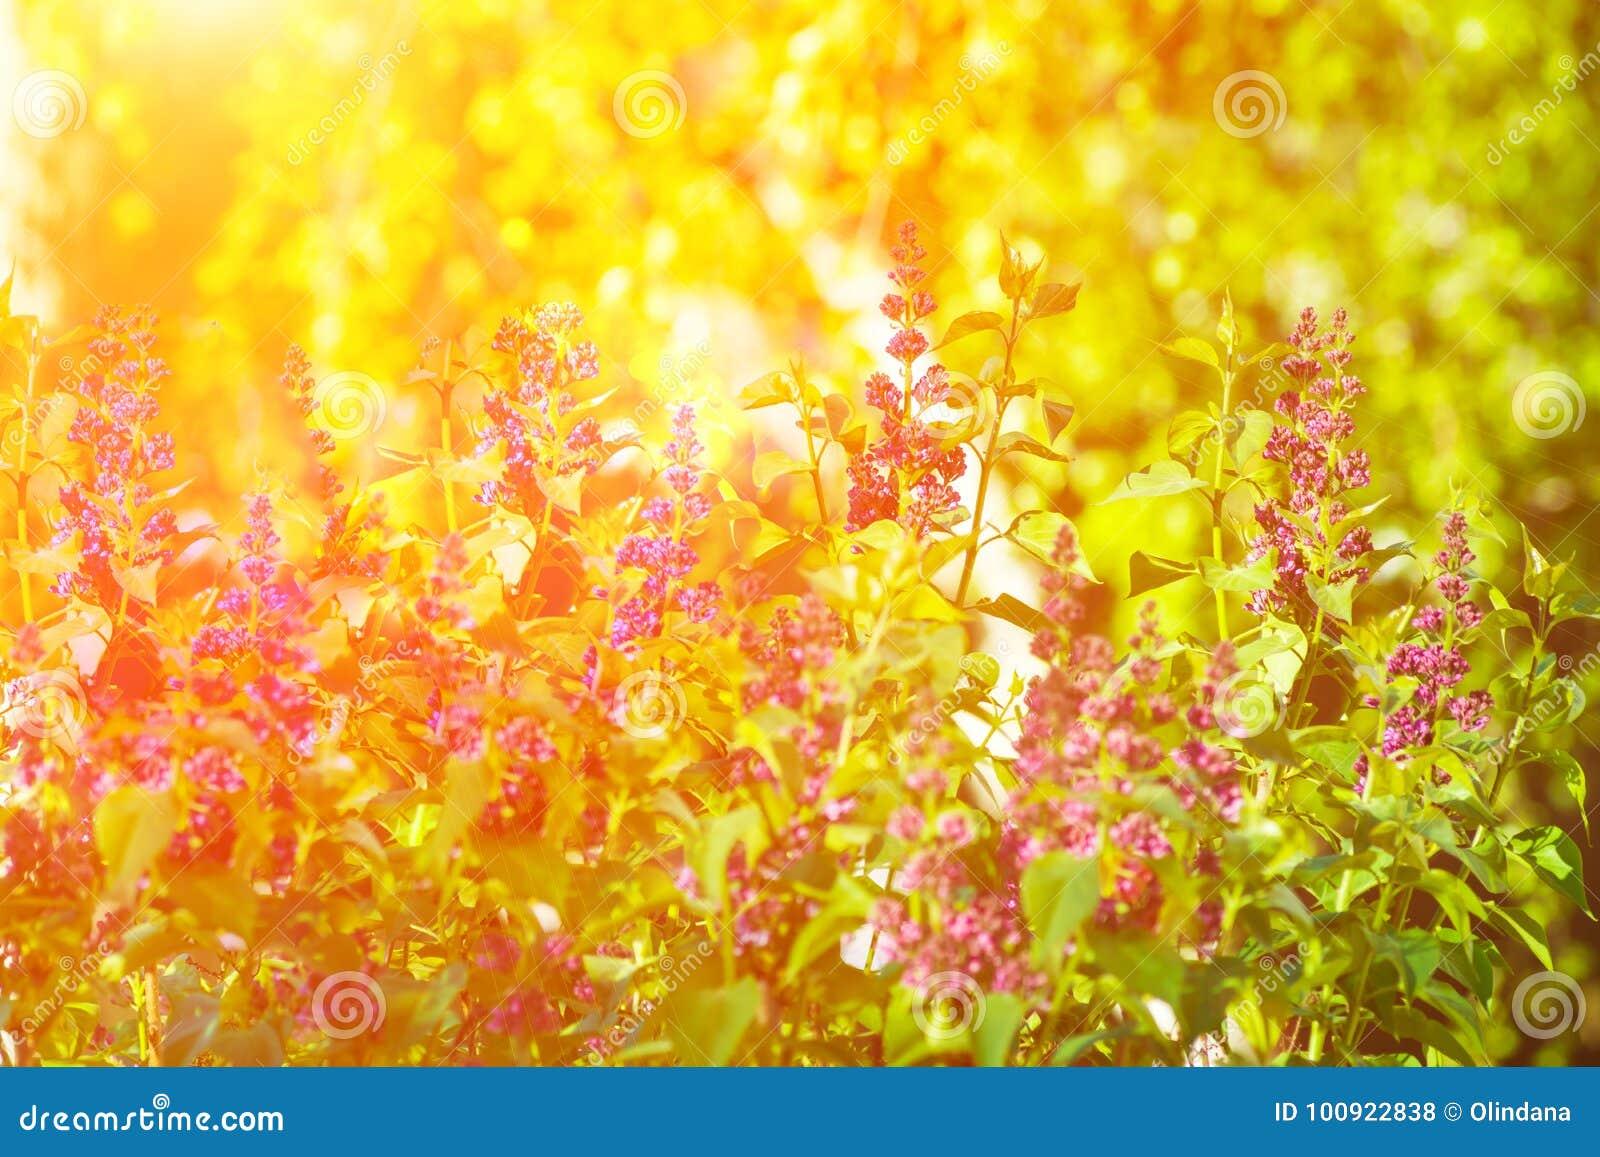 Lumière du soleil d or Forest Meadow Tranquility de beau de fleur d heure d été de Bush lilas au printemps feuillage vert vibrant